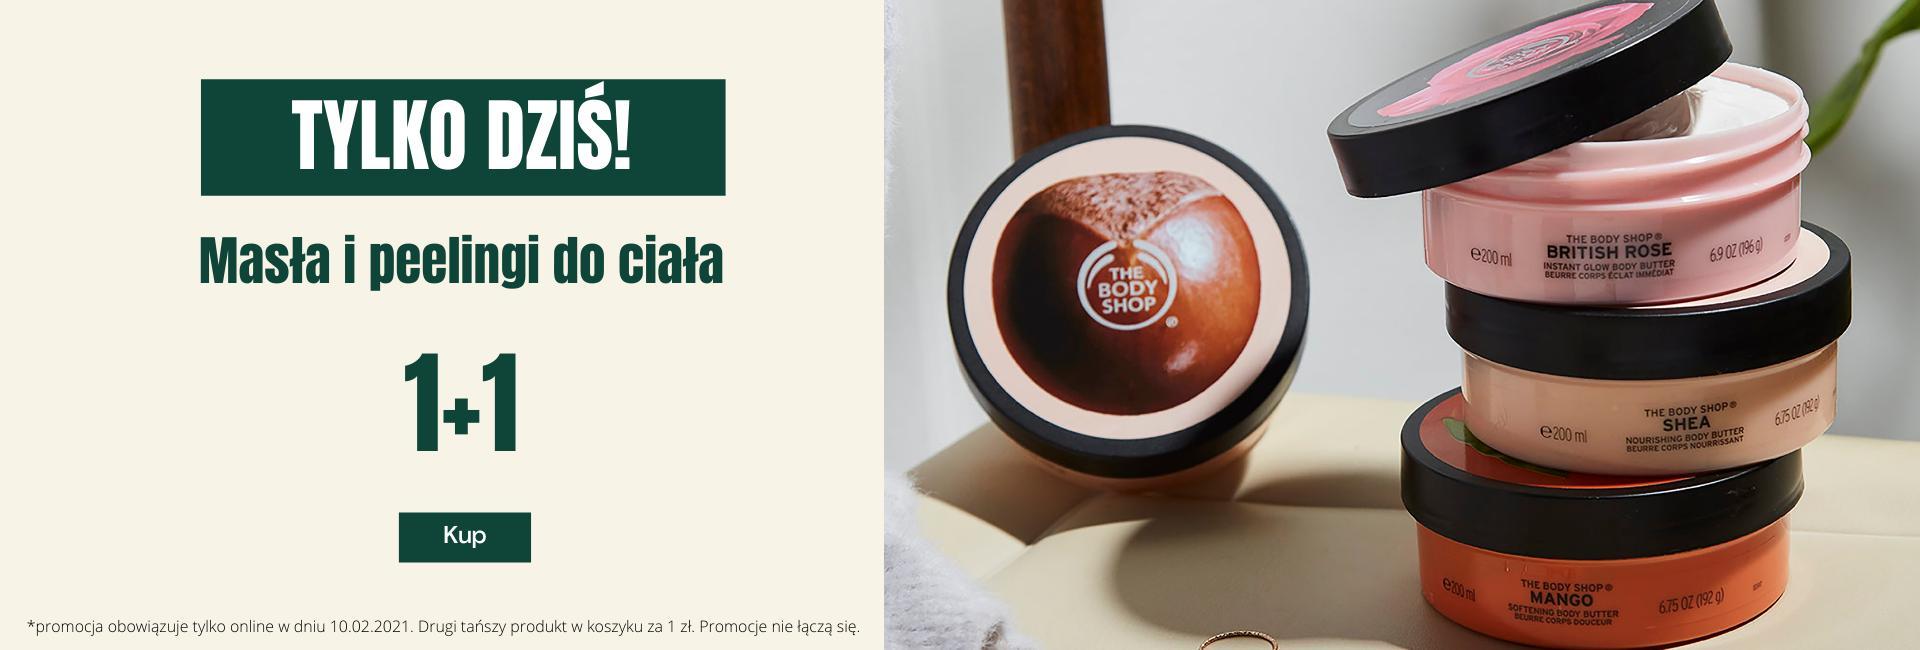 The Body Shop The Body Shop: drugi tańszy kosmetyk - masło lub peeling do ciała za 1 zł